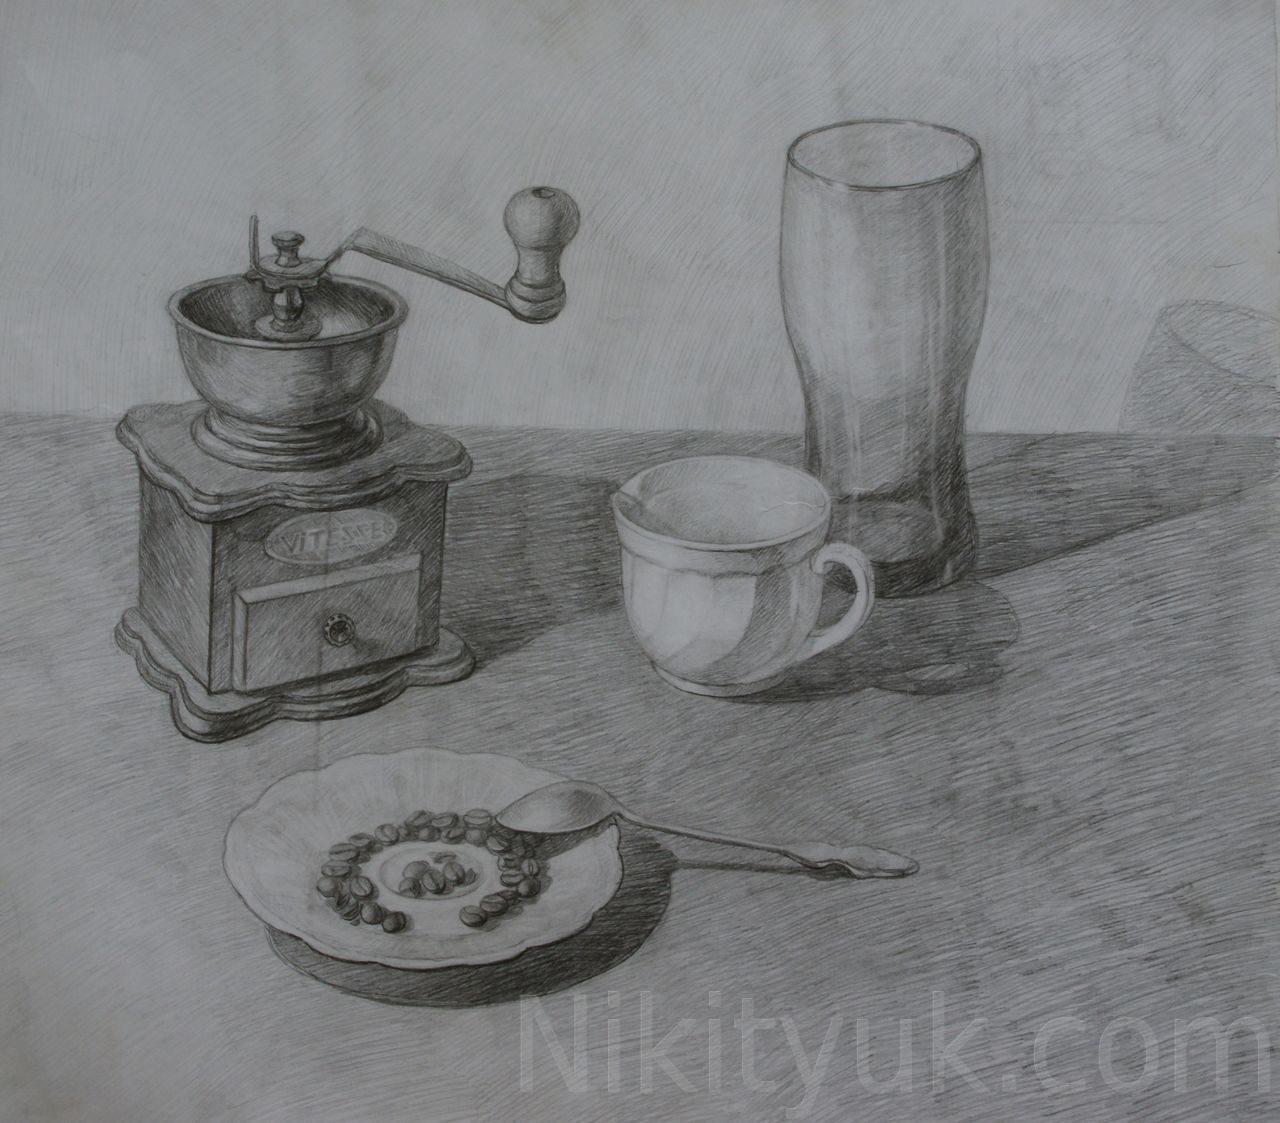 Мария Сергеева 16 лет, третий год обучения. Учебный рисунок, бум., карандаш, 40х45см